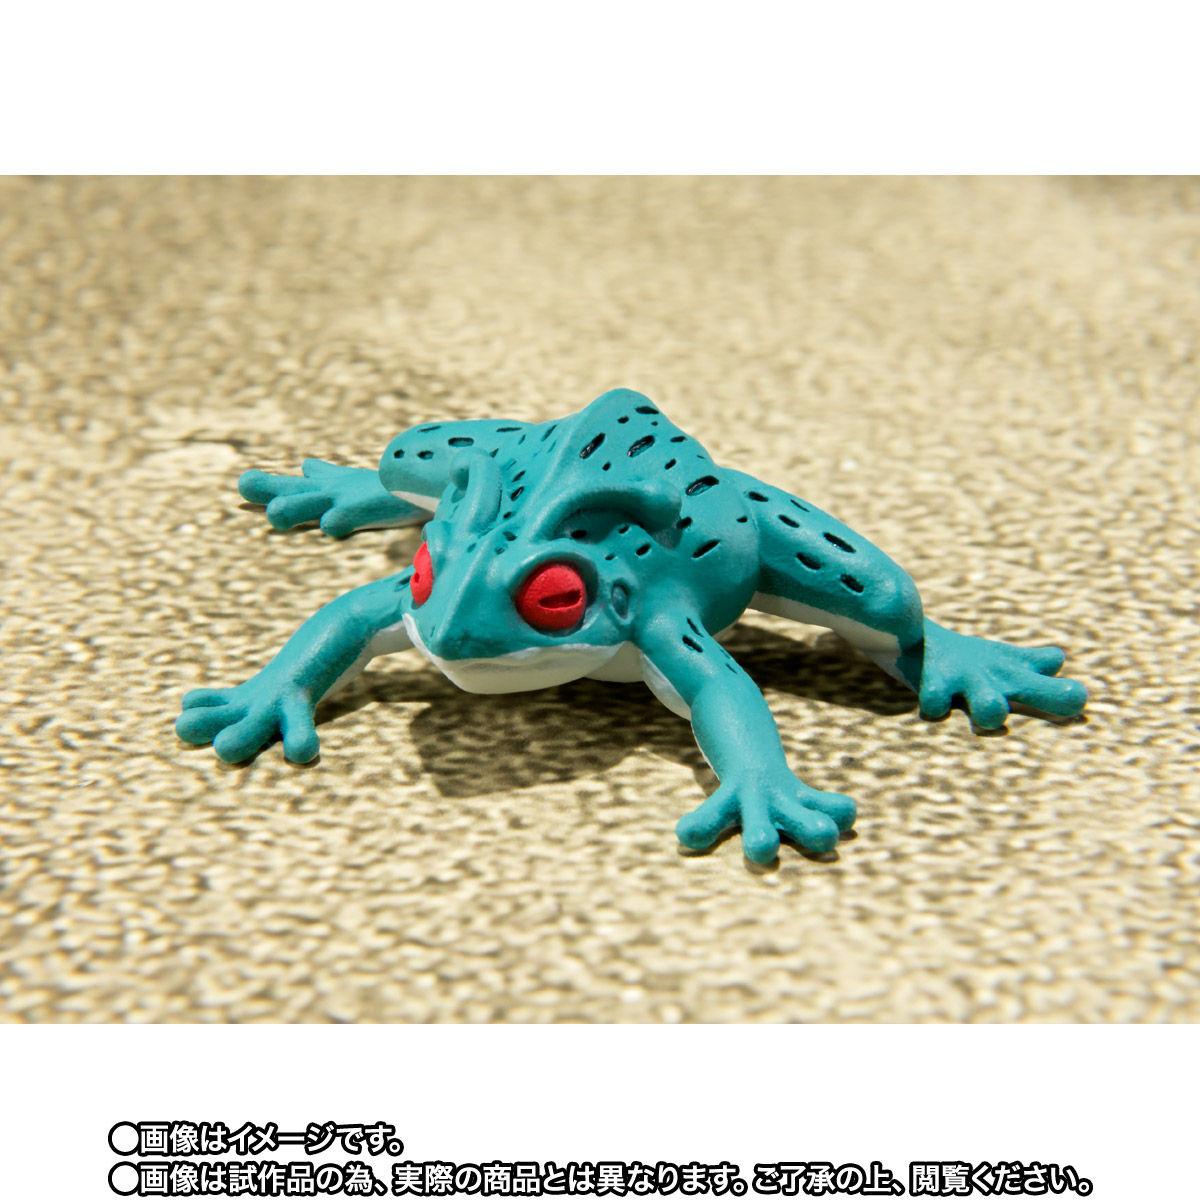 【限定販売】S.H.Figuarts『リクーム』ドラゴンボールZ 可動フィギュア-009